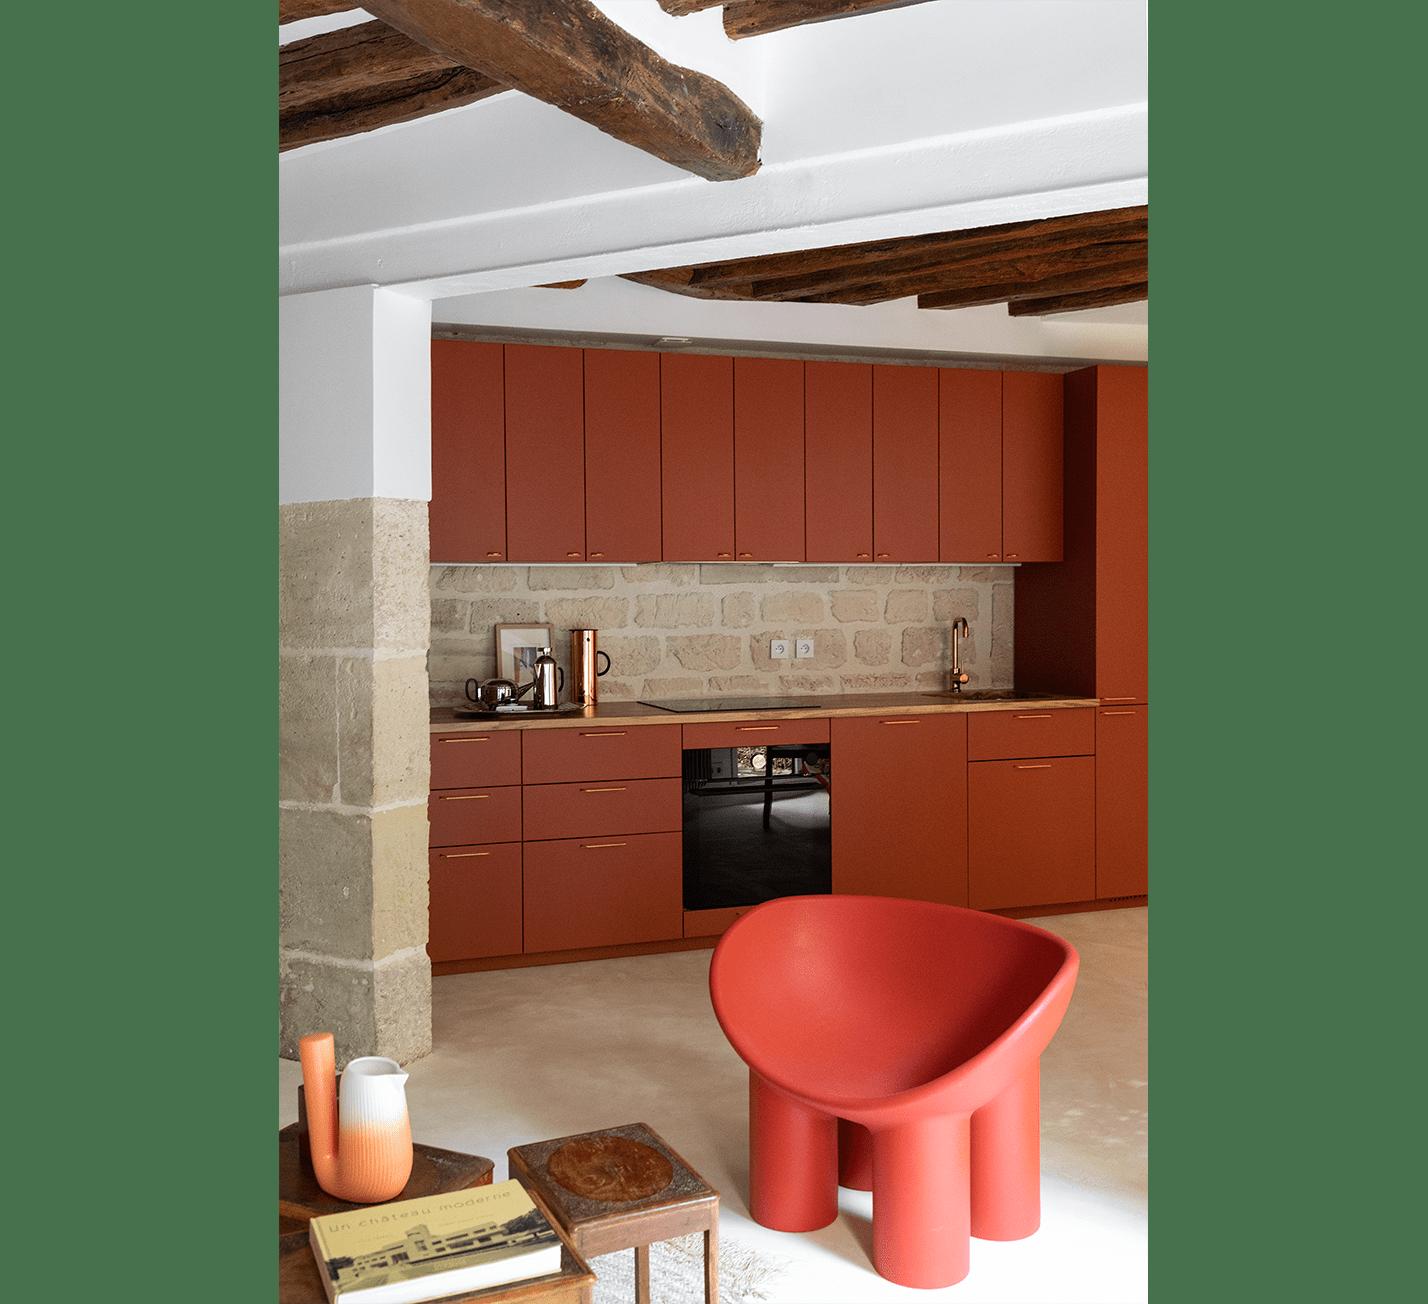 Projet-Gobelins-Atelier-Steve-Pauline-Borgia-Architecte-interieur-13-min